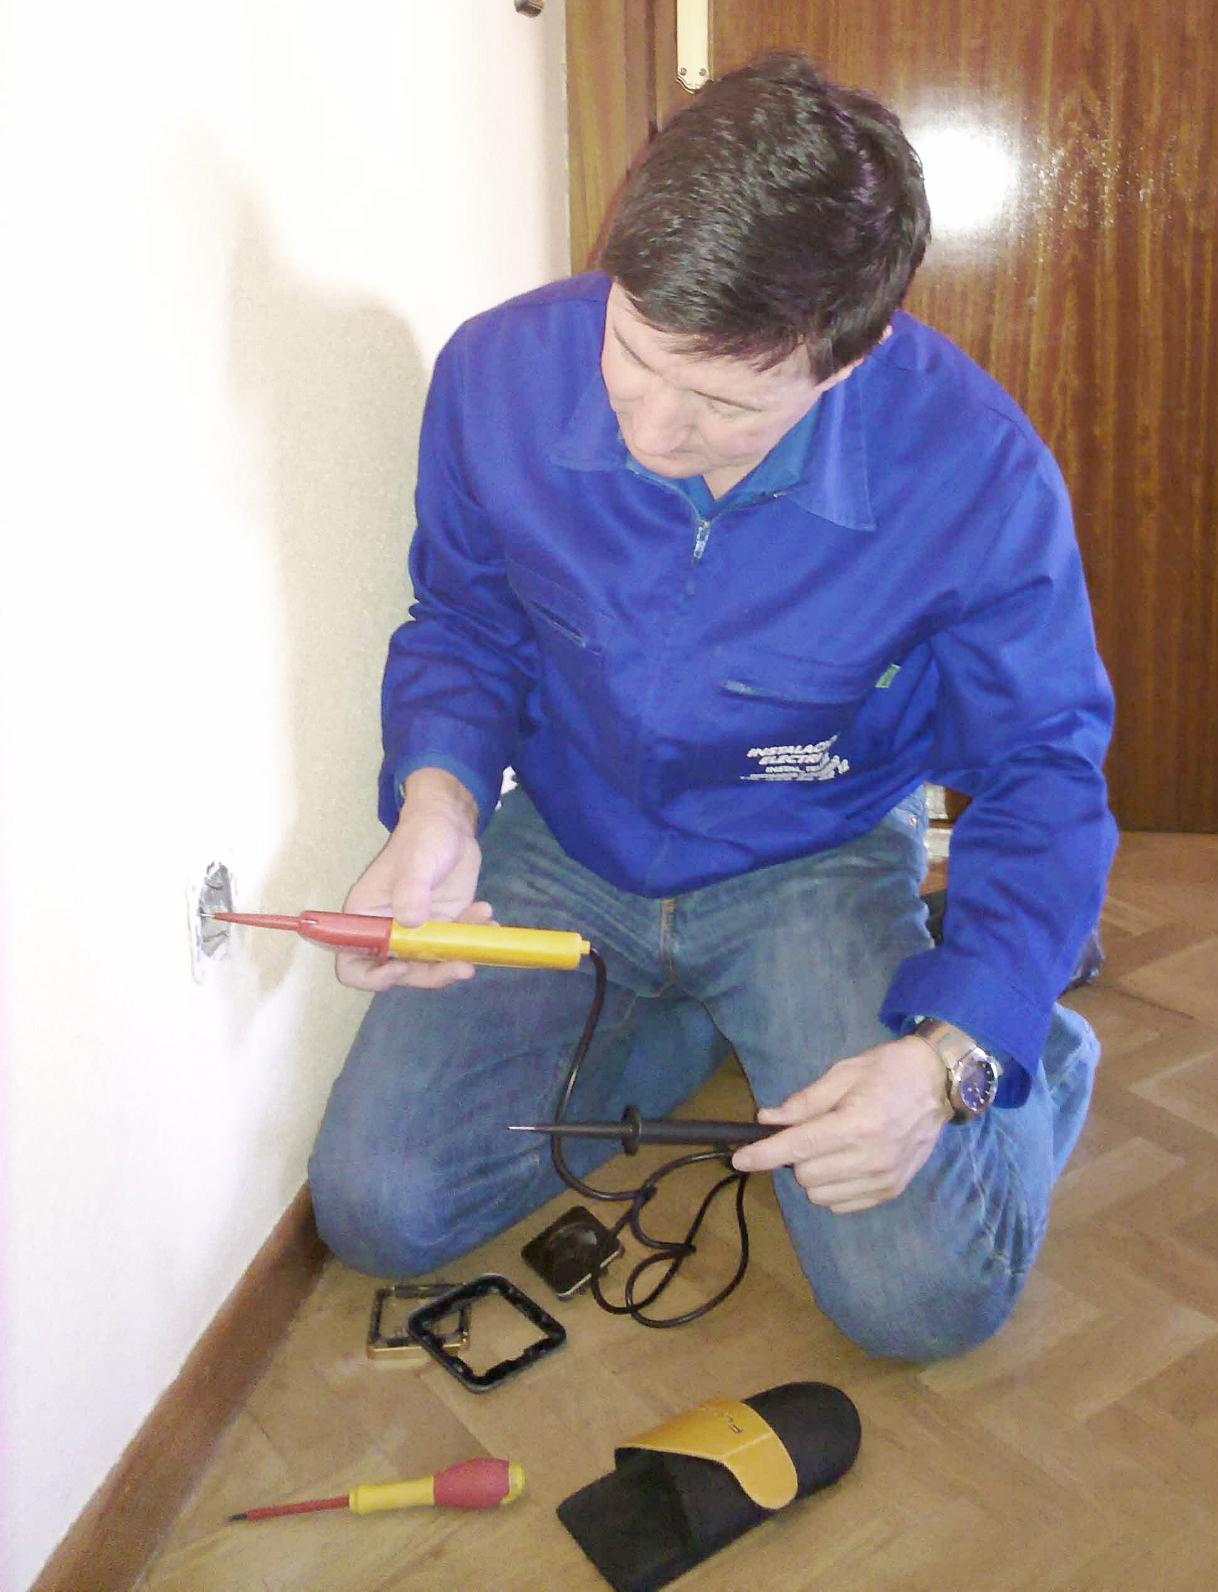 Luis comprobacion de enchufes electricistas madrid - Electricistas las rozas ...